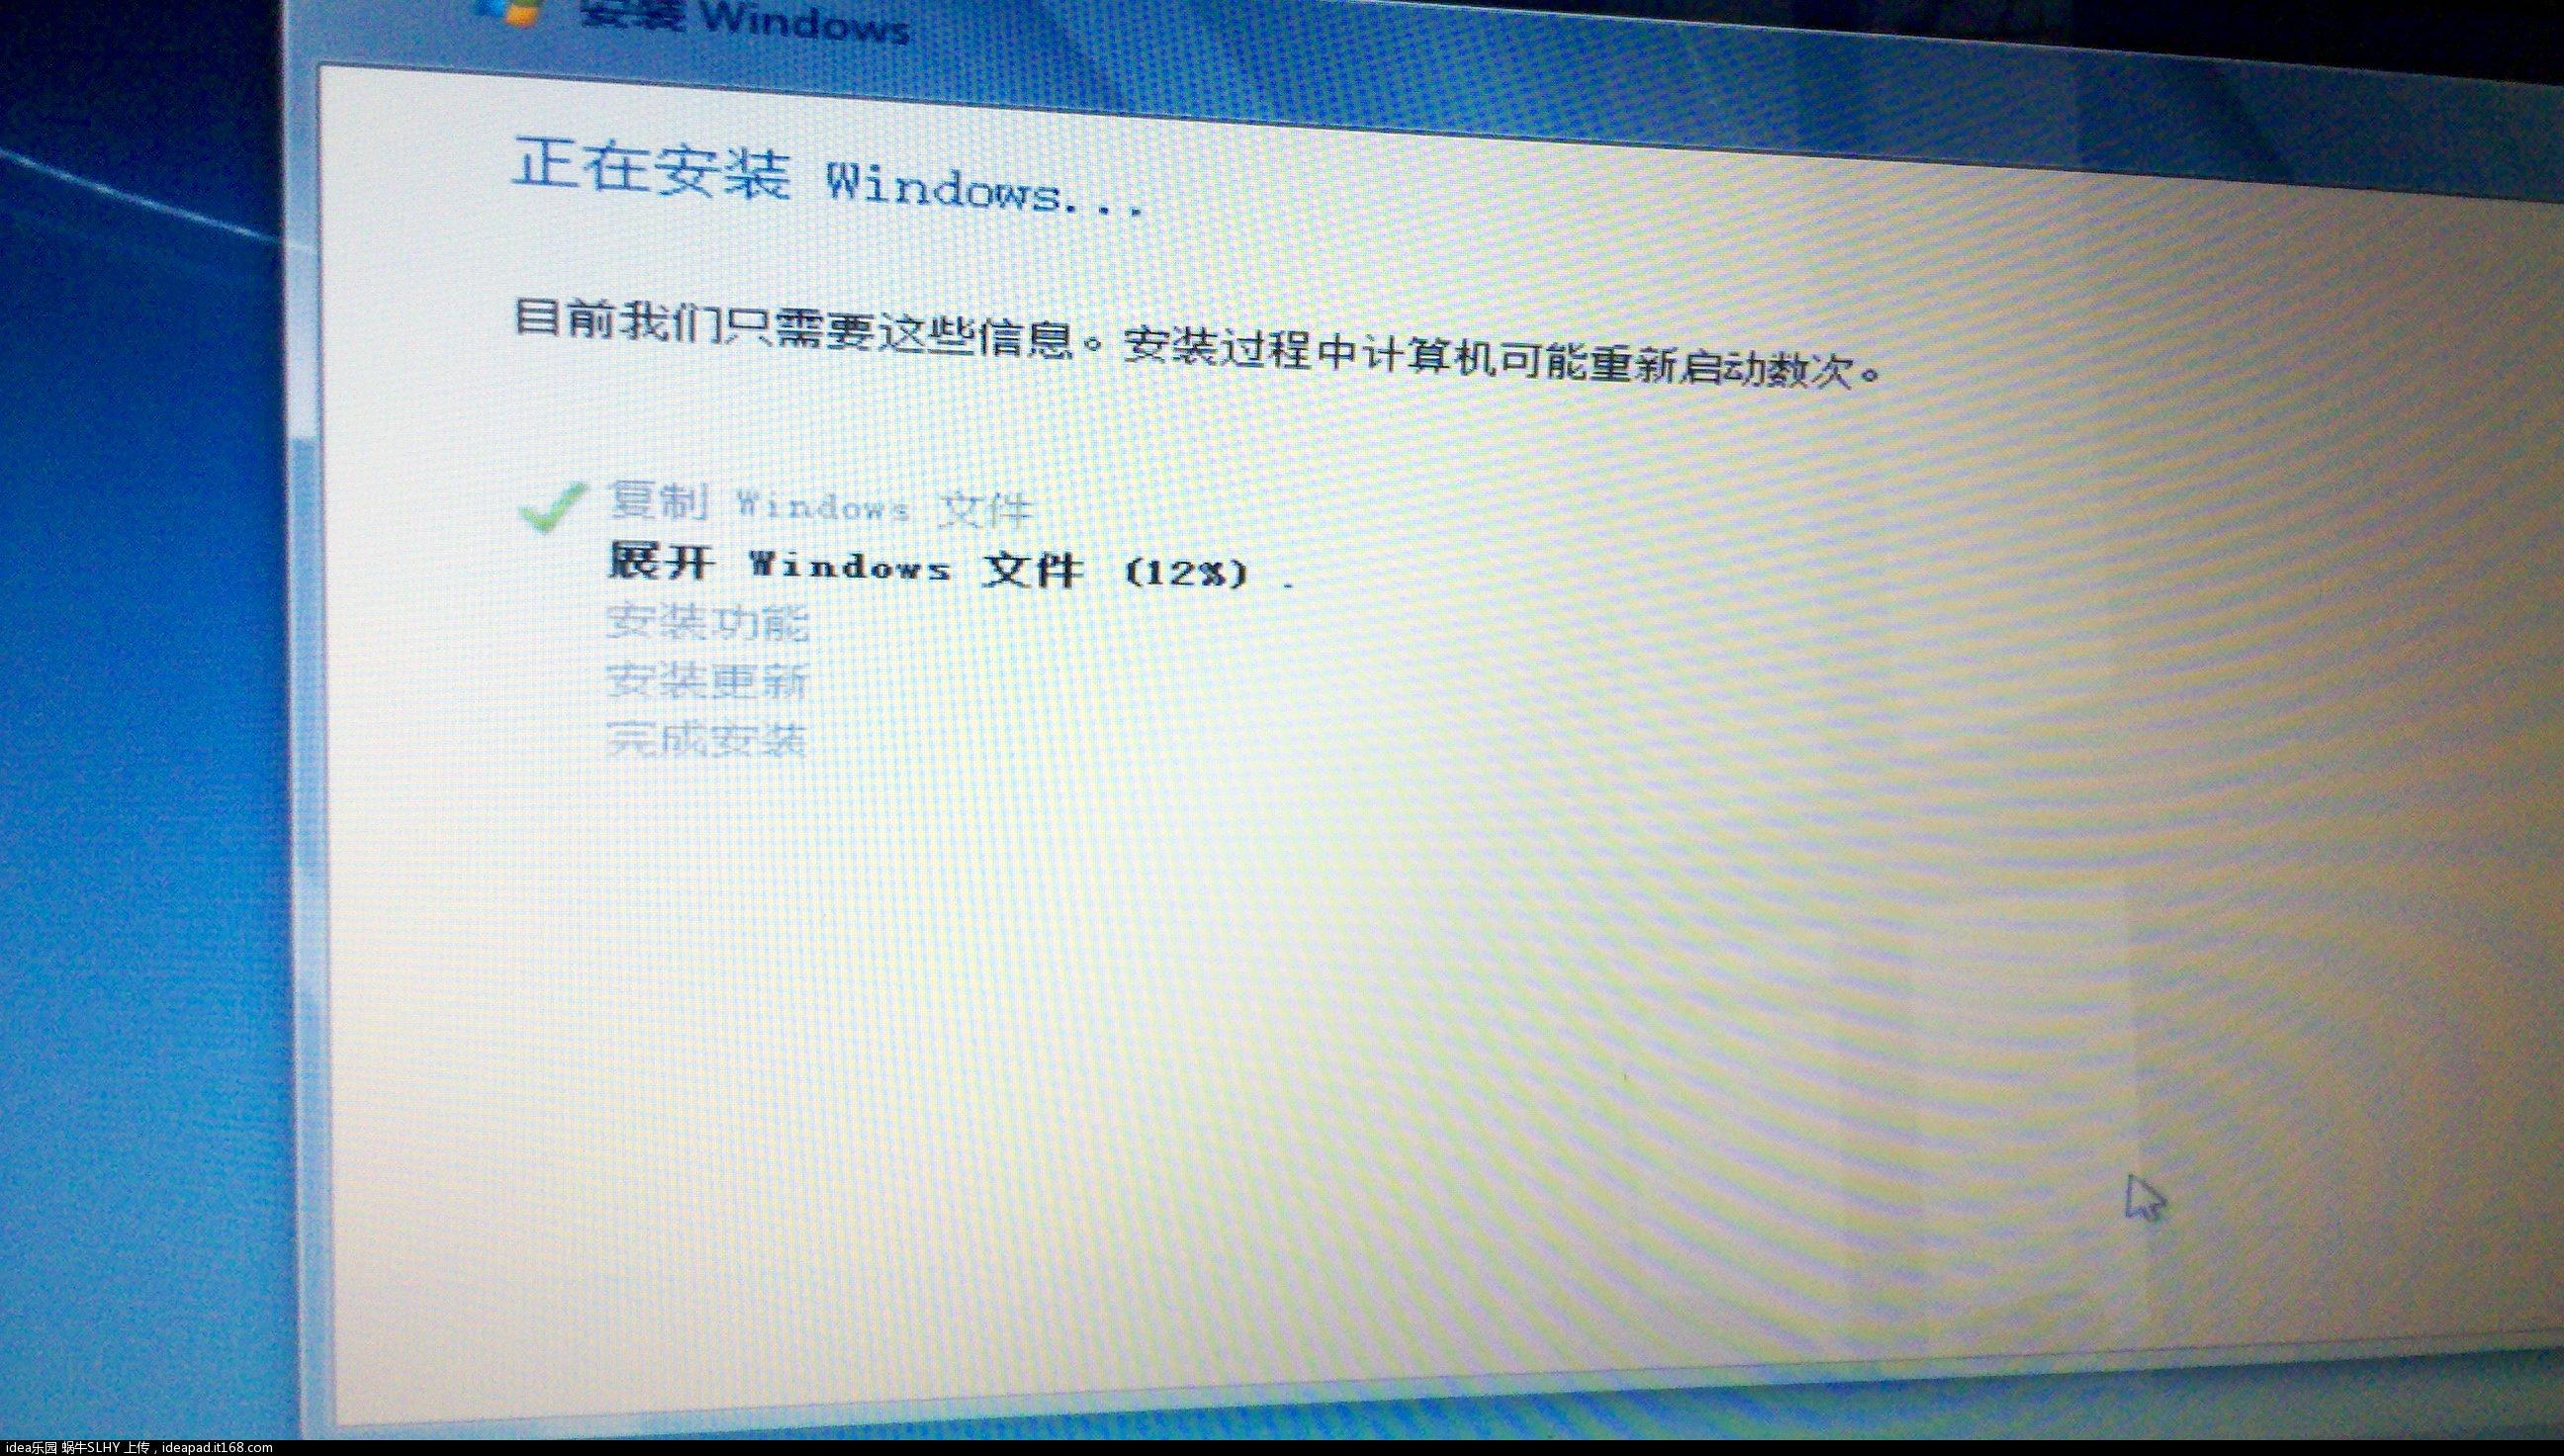 2013-01-01_16-00-28_83.jpg